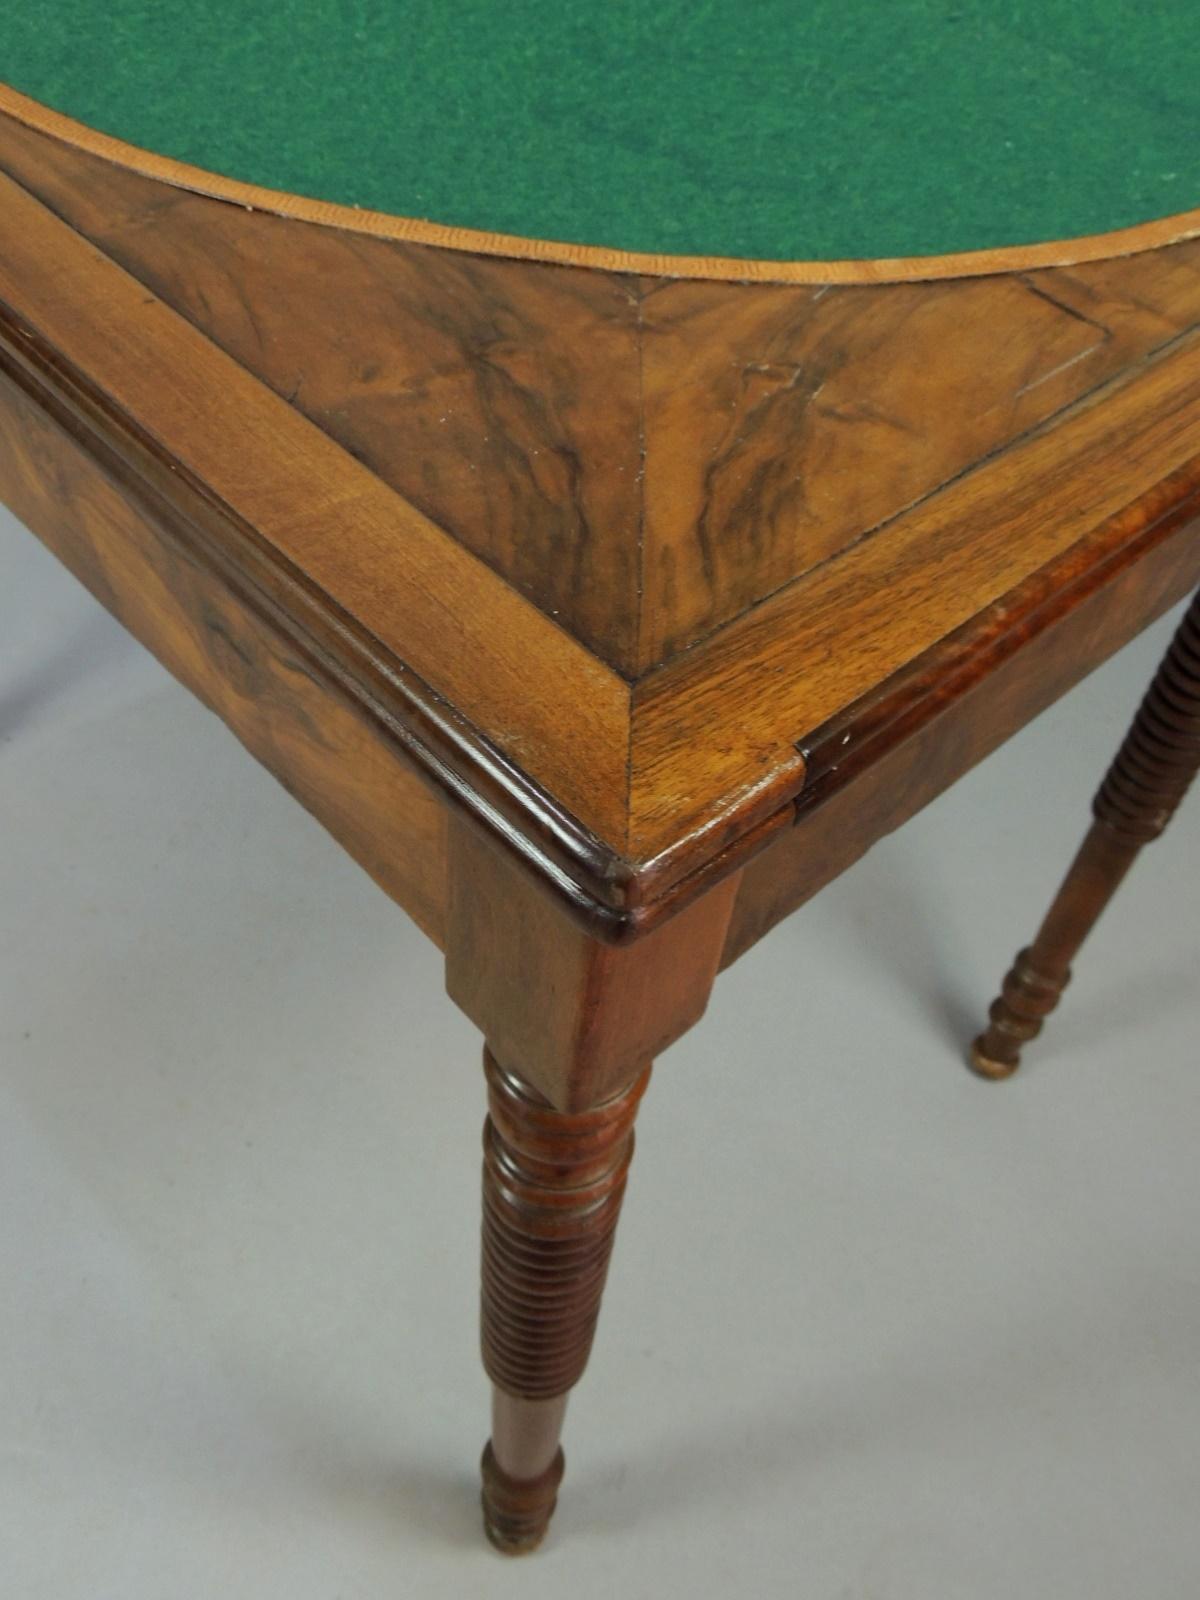 Usato vecchio antico di molinelli francesco for Tavolo legno vecchio usato